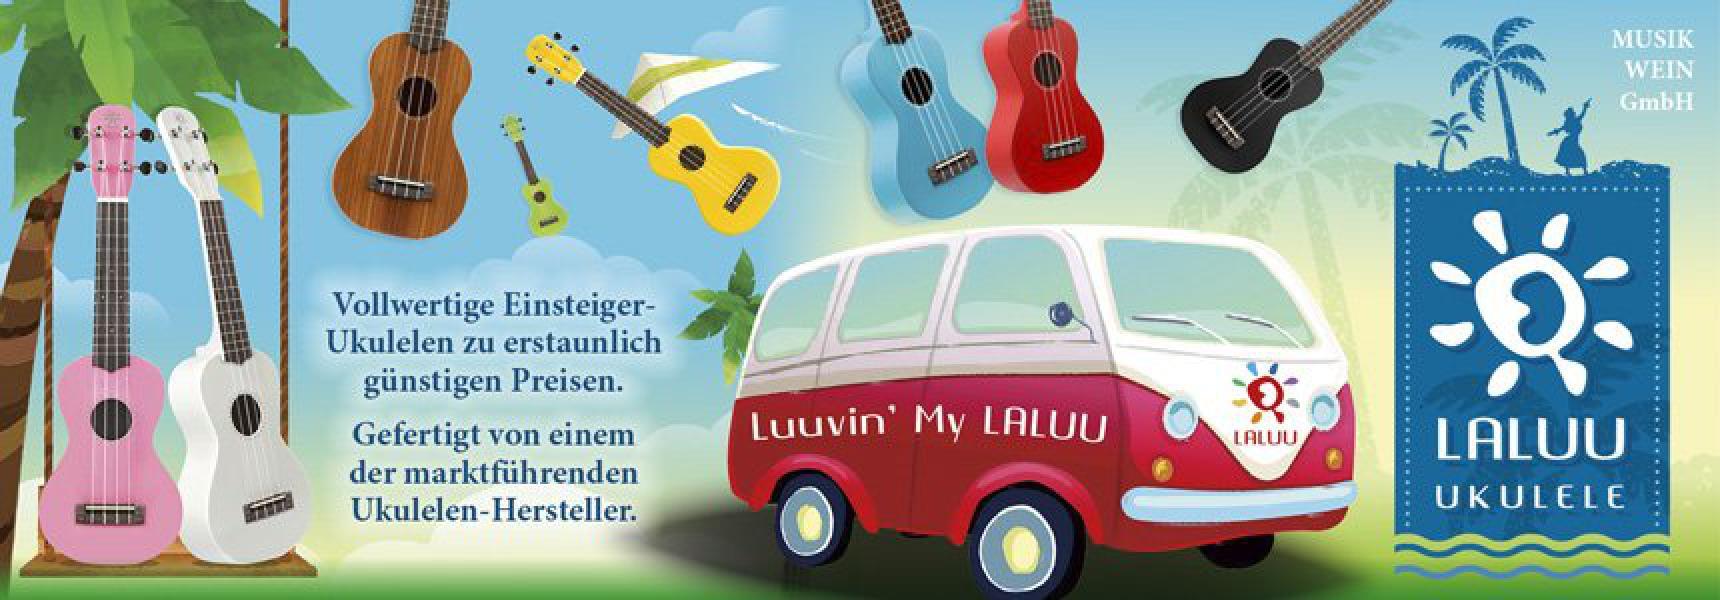 Musik Wein Laluu Ukulelen